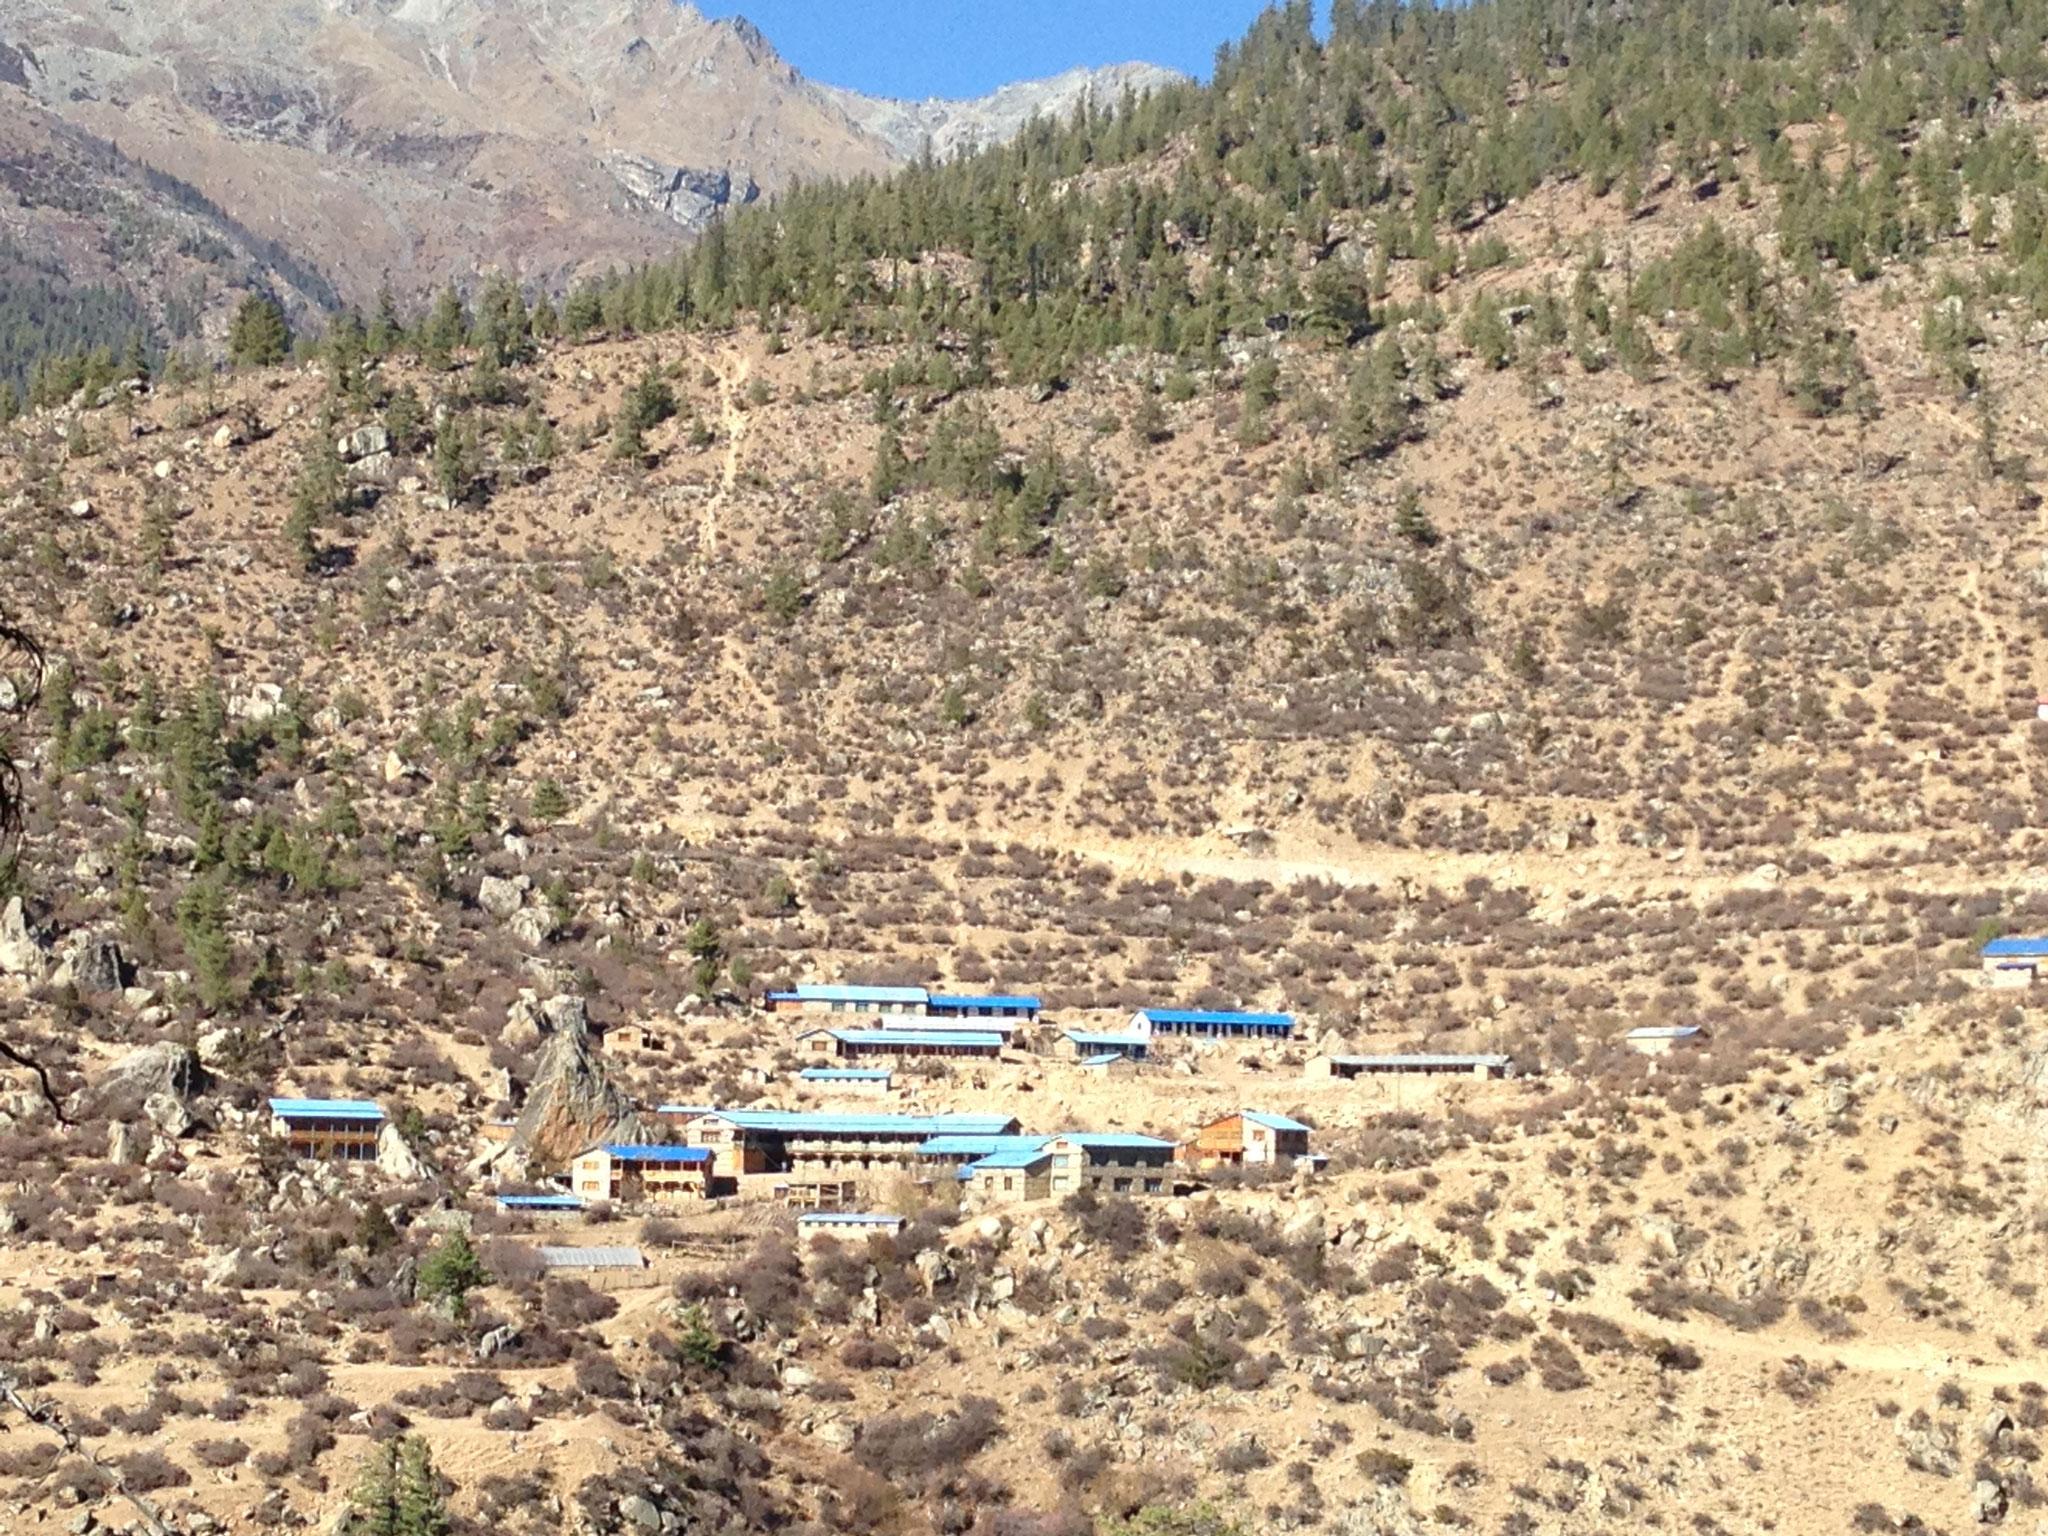 Der Gebäudekomplex aus der Ferne...Die oberen Gebäude gehören zur Schule, bei den Unteren handelt es sich um die Hostels